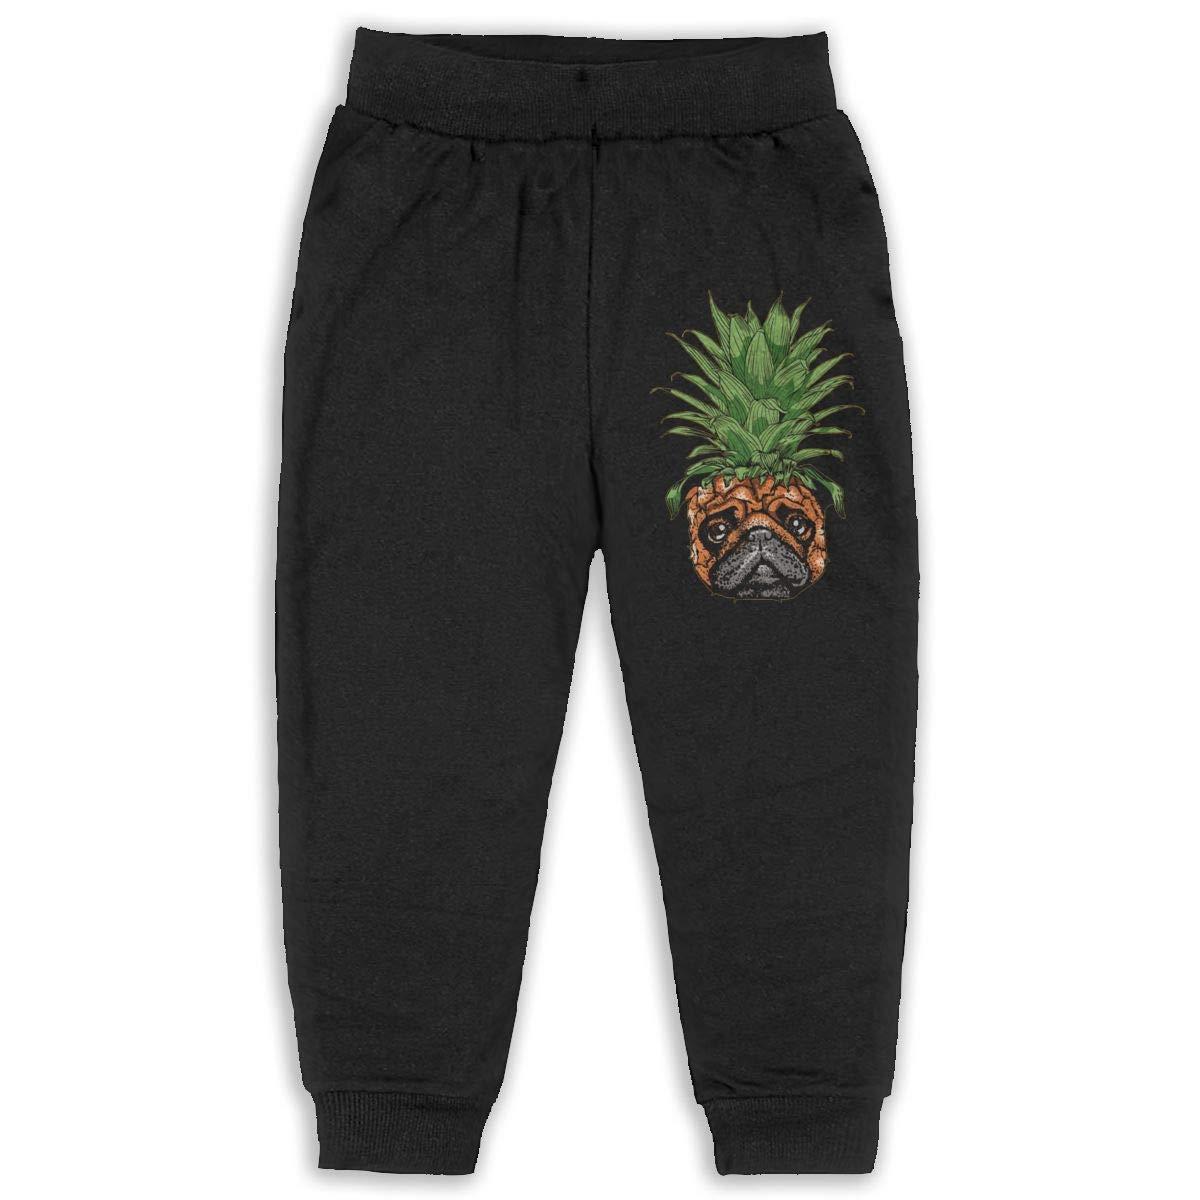 Fleece Active Joggers Elastic Pants DaXi1 Pineapple Pug Sweatpants for Boys /& Girls